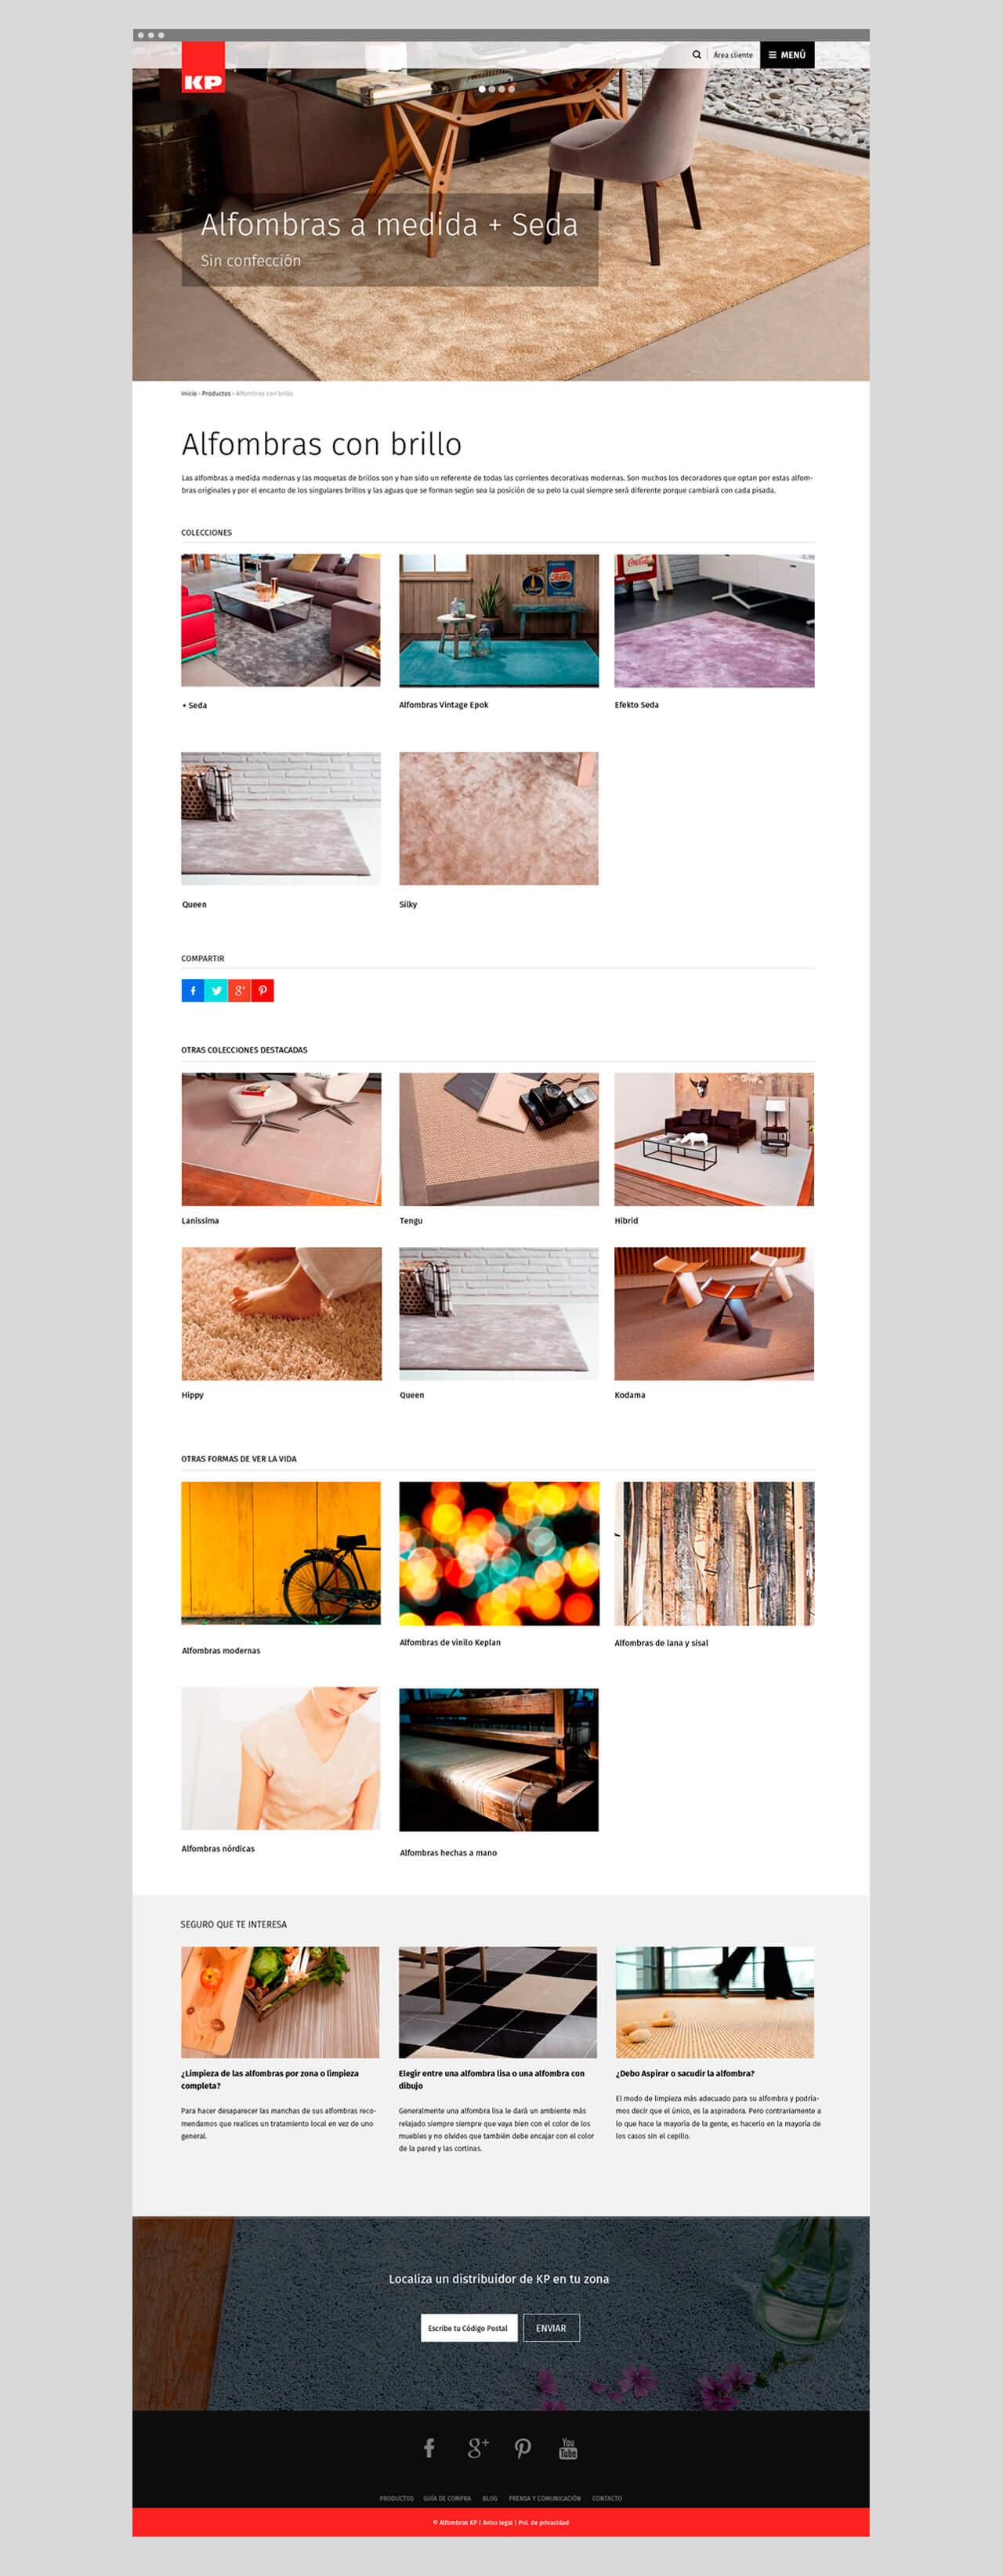 Pantallazo de la web de alfombraskp.com